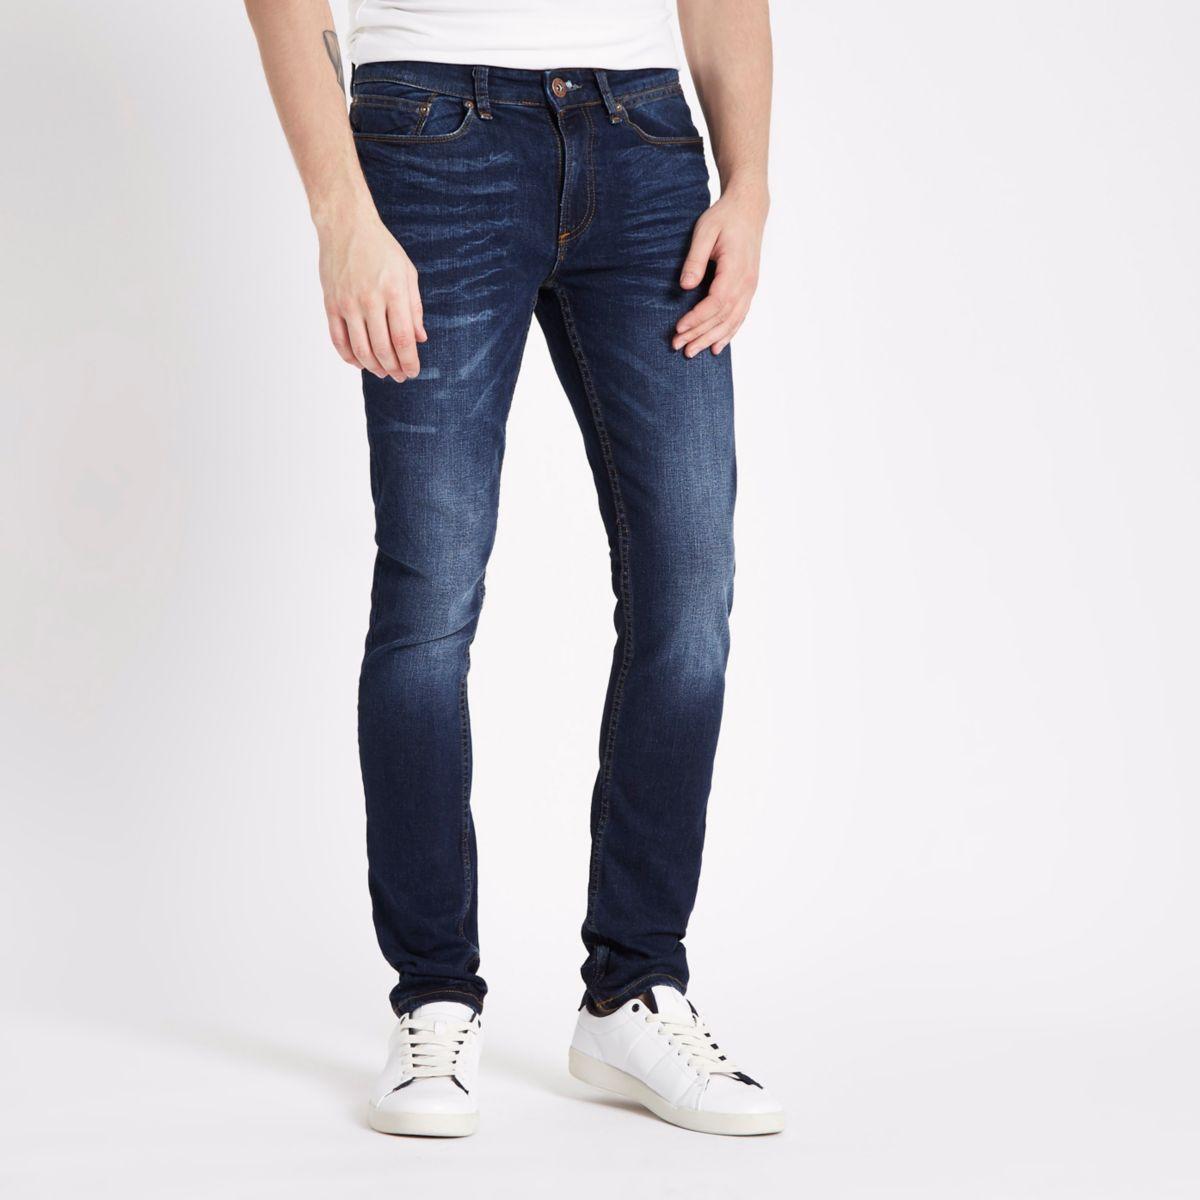 Sid – Skinny Jeans in Mittelblau